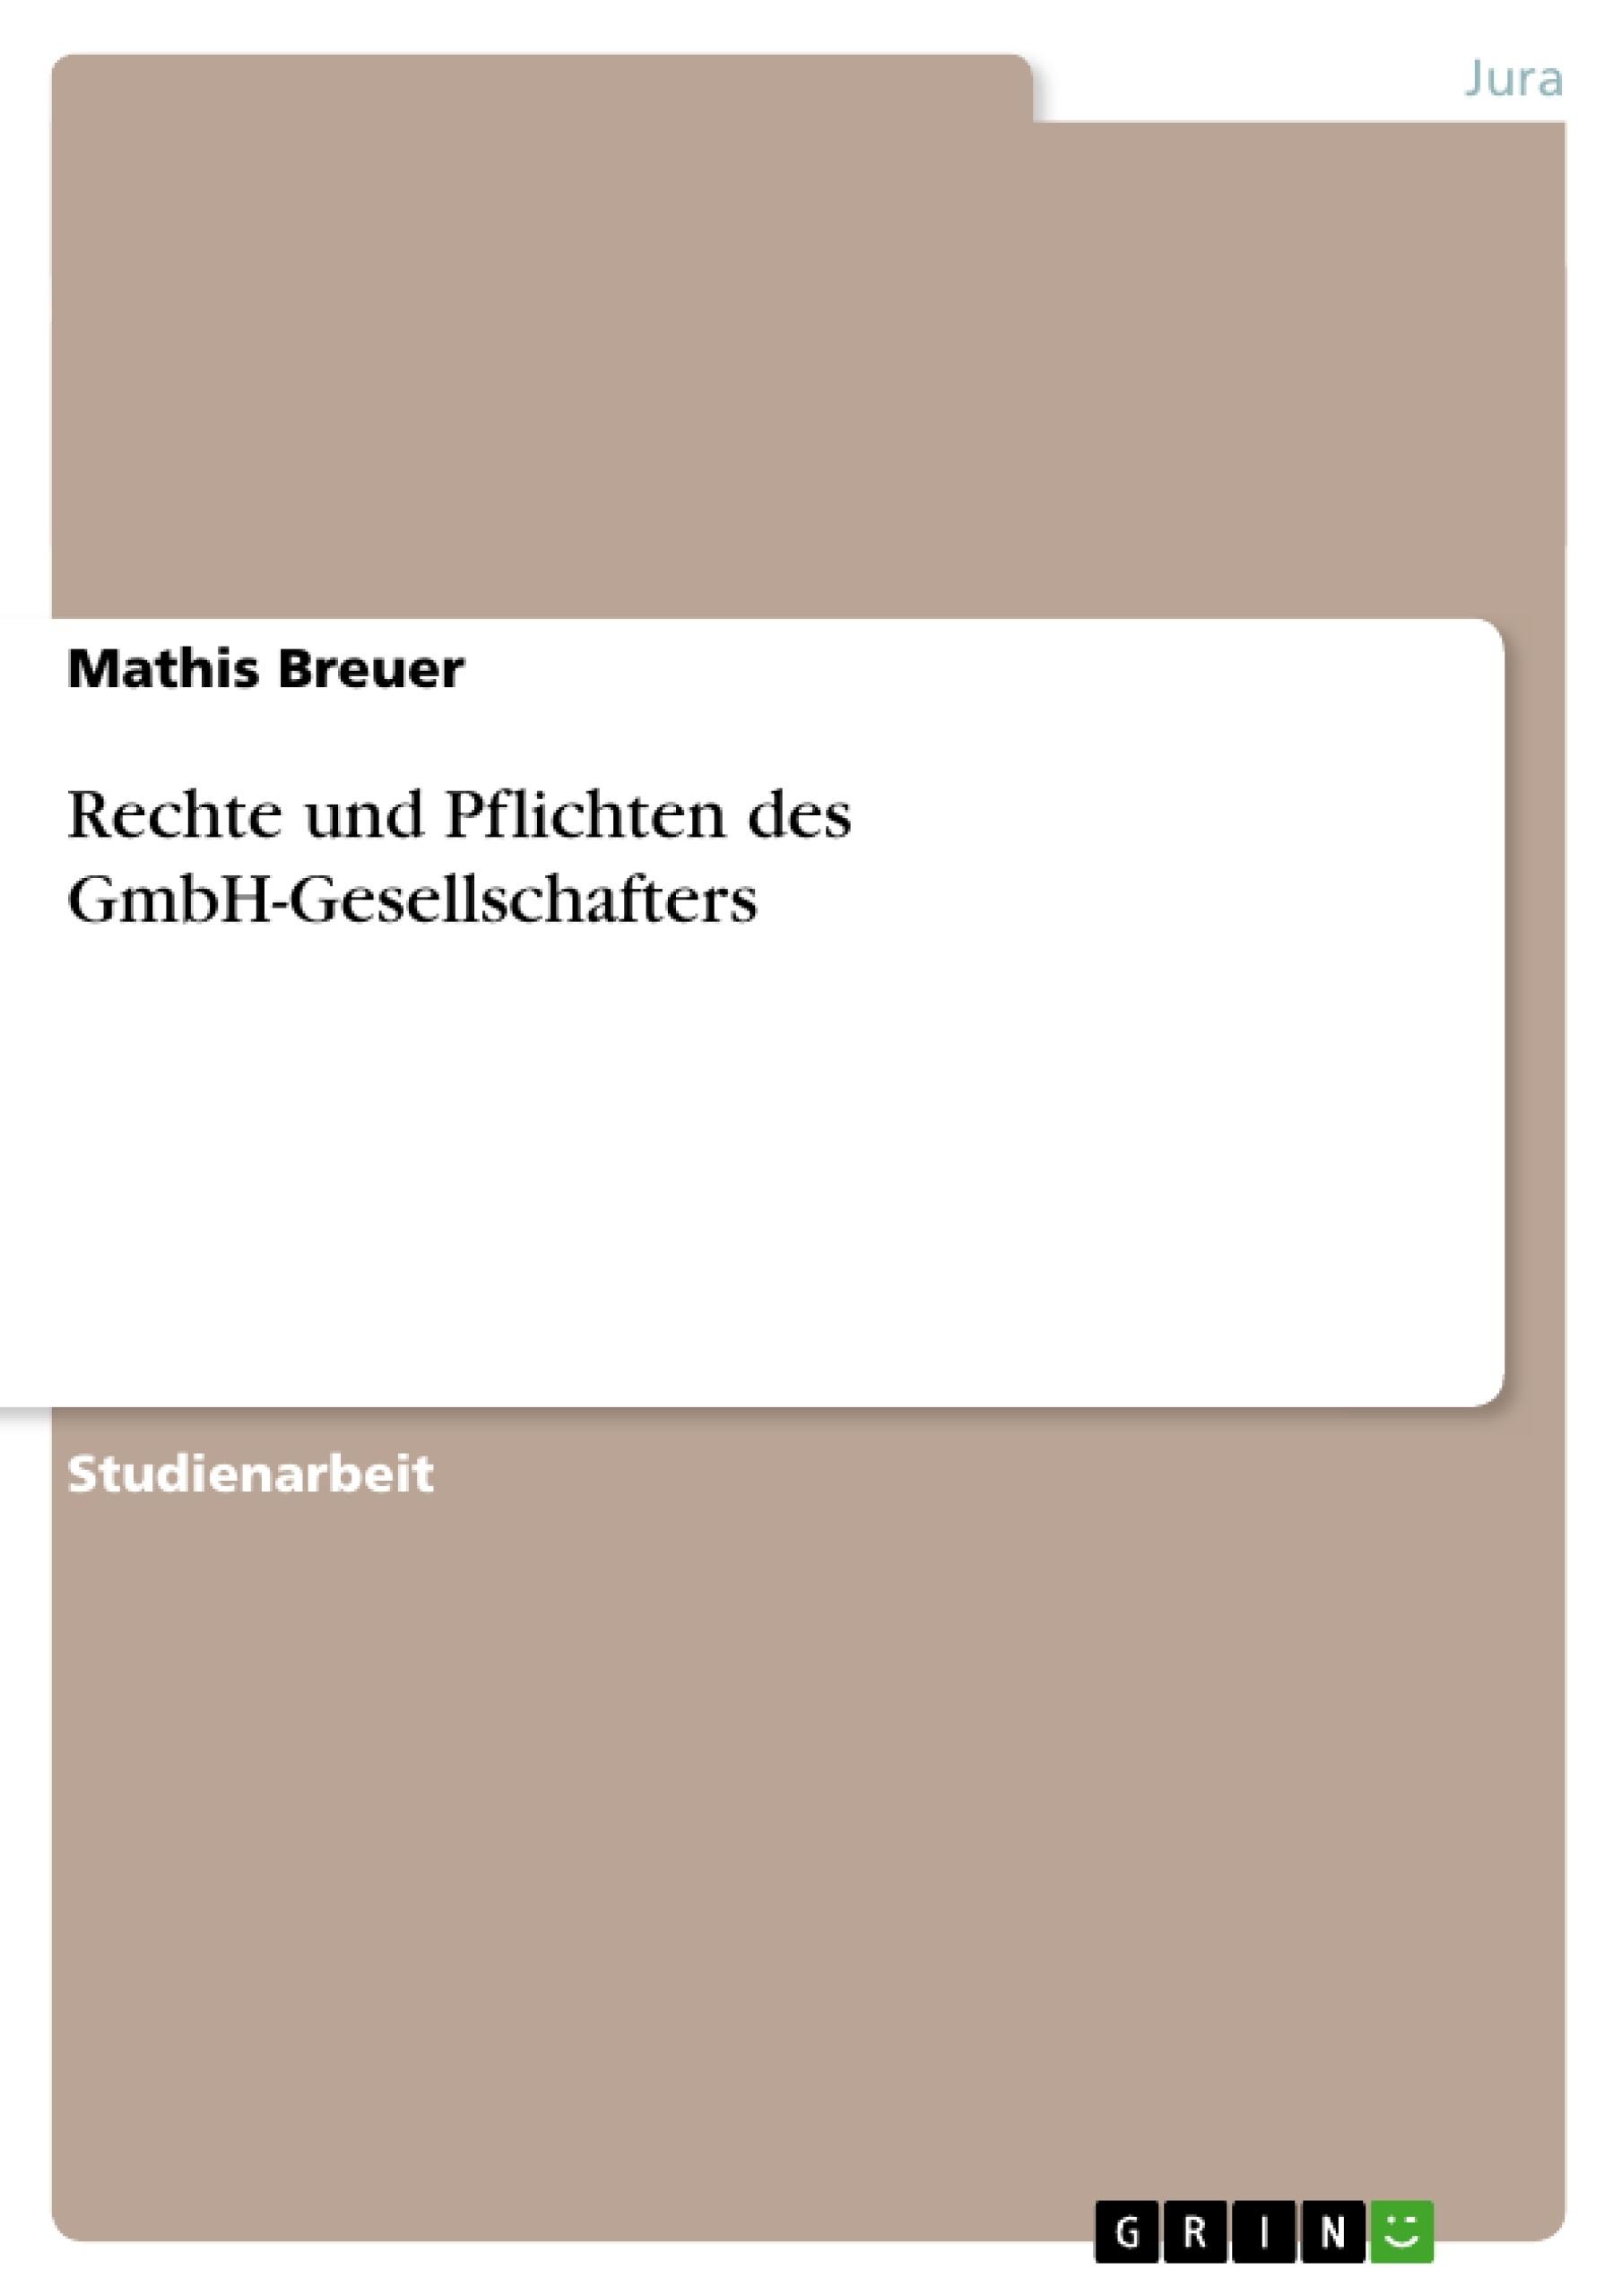 Titel: Rechte und Pflichten des GmbH-Gesellschafters